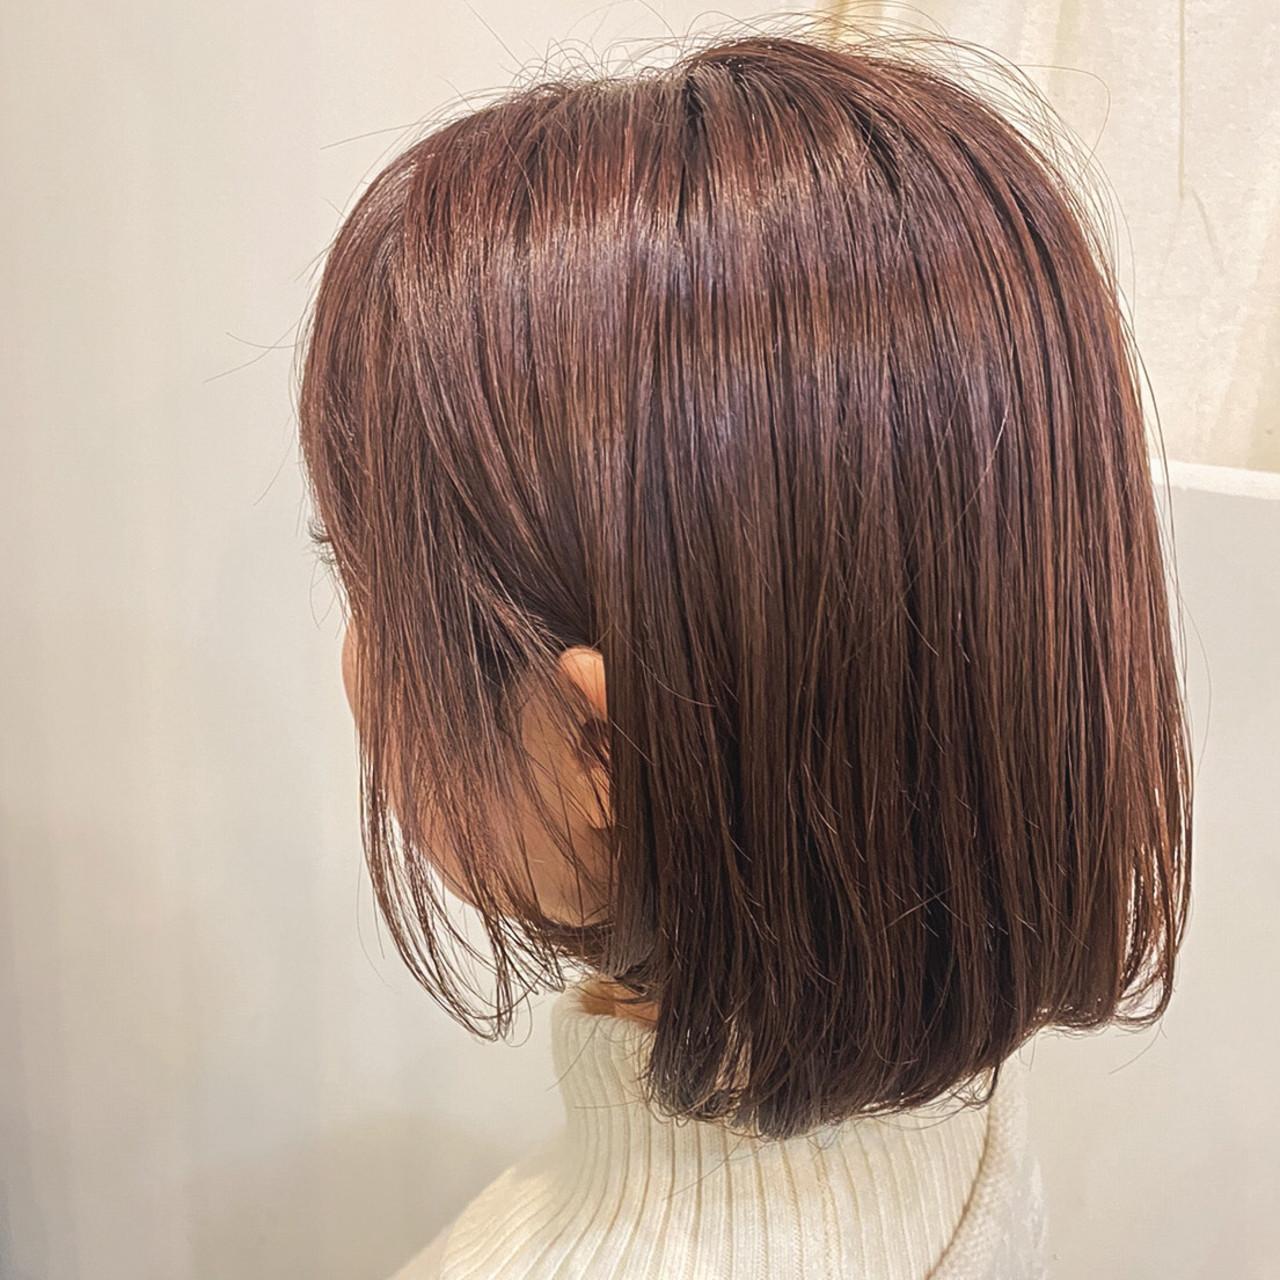 大人可愛い 大人かわいい ピンクアッシュ フェミニン ヘアスタイルや髪型の写真・画像 | bassy【nv7 nakameguro】 / nv7 nakameguro